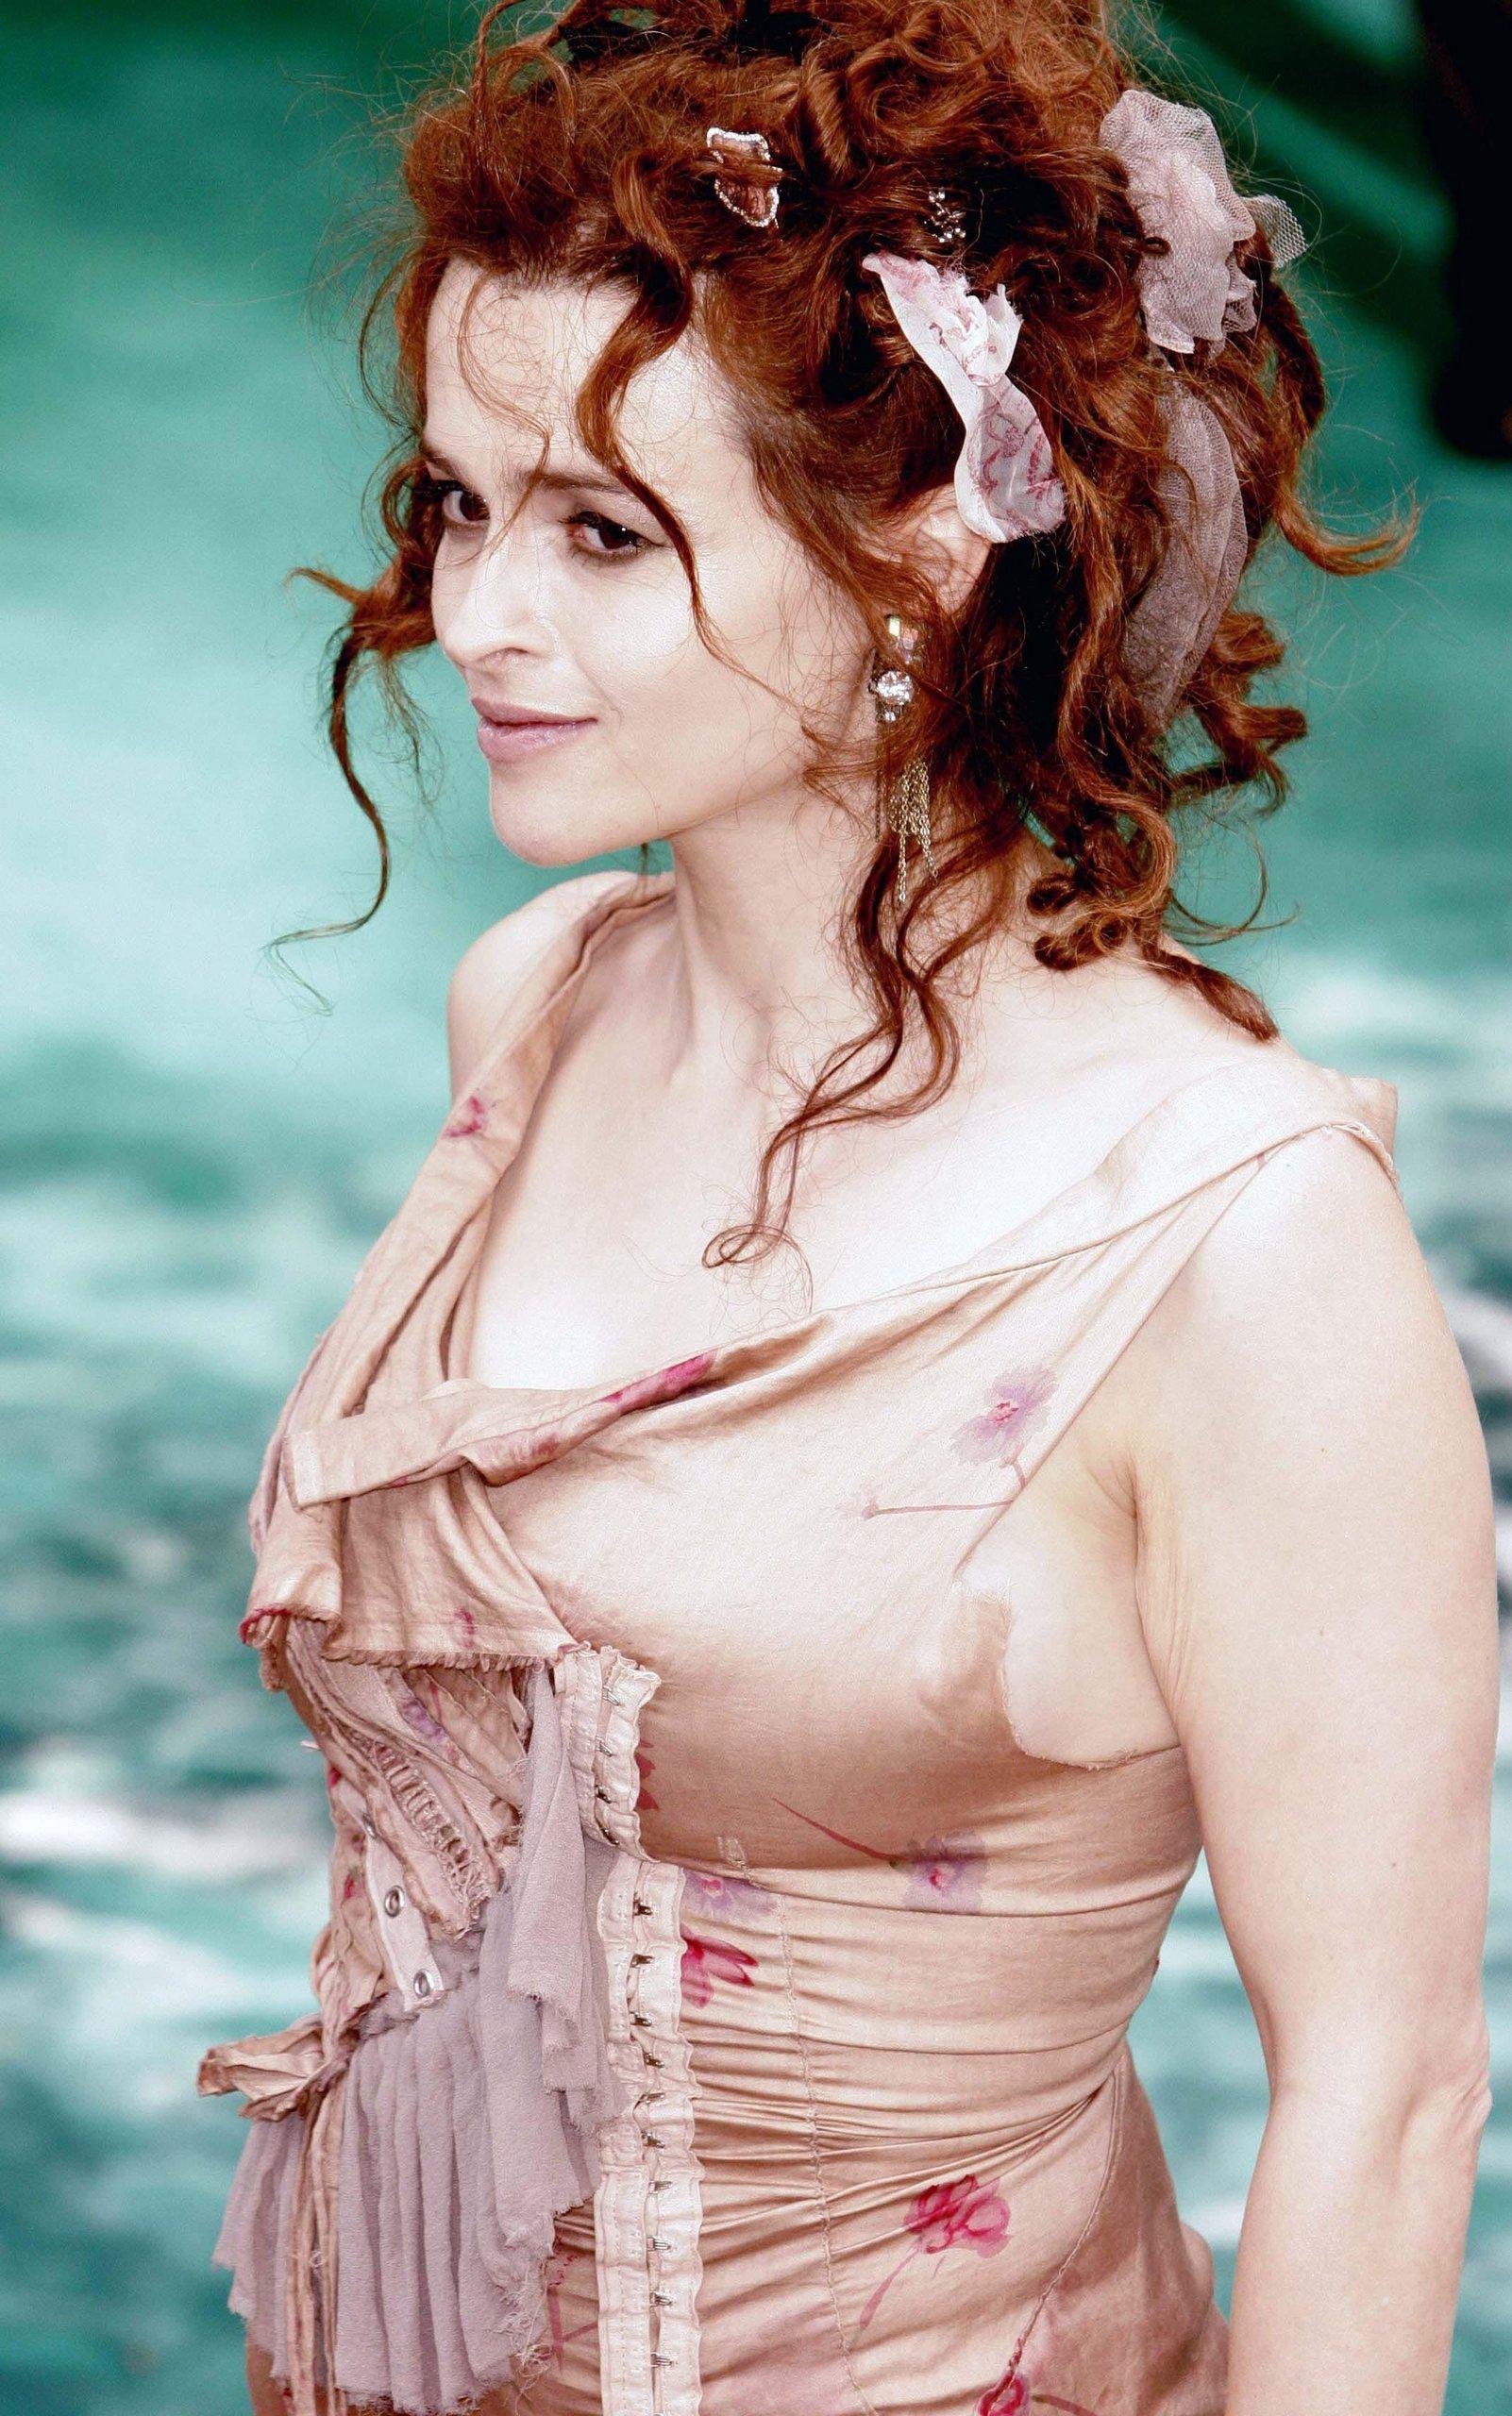 Helena Bonham Carter images Helena Bonham Carter HD wallpaper and ... Helena Bonham Carter